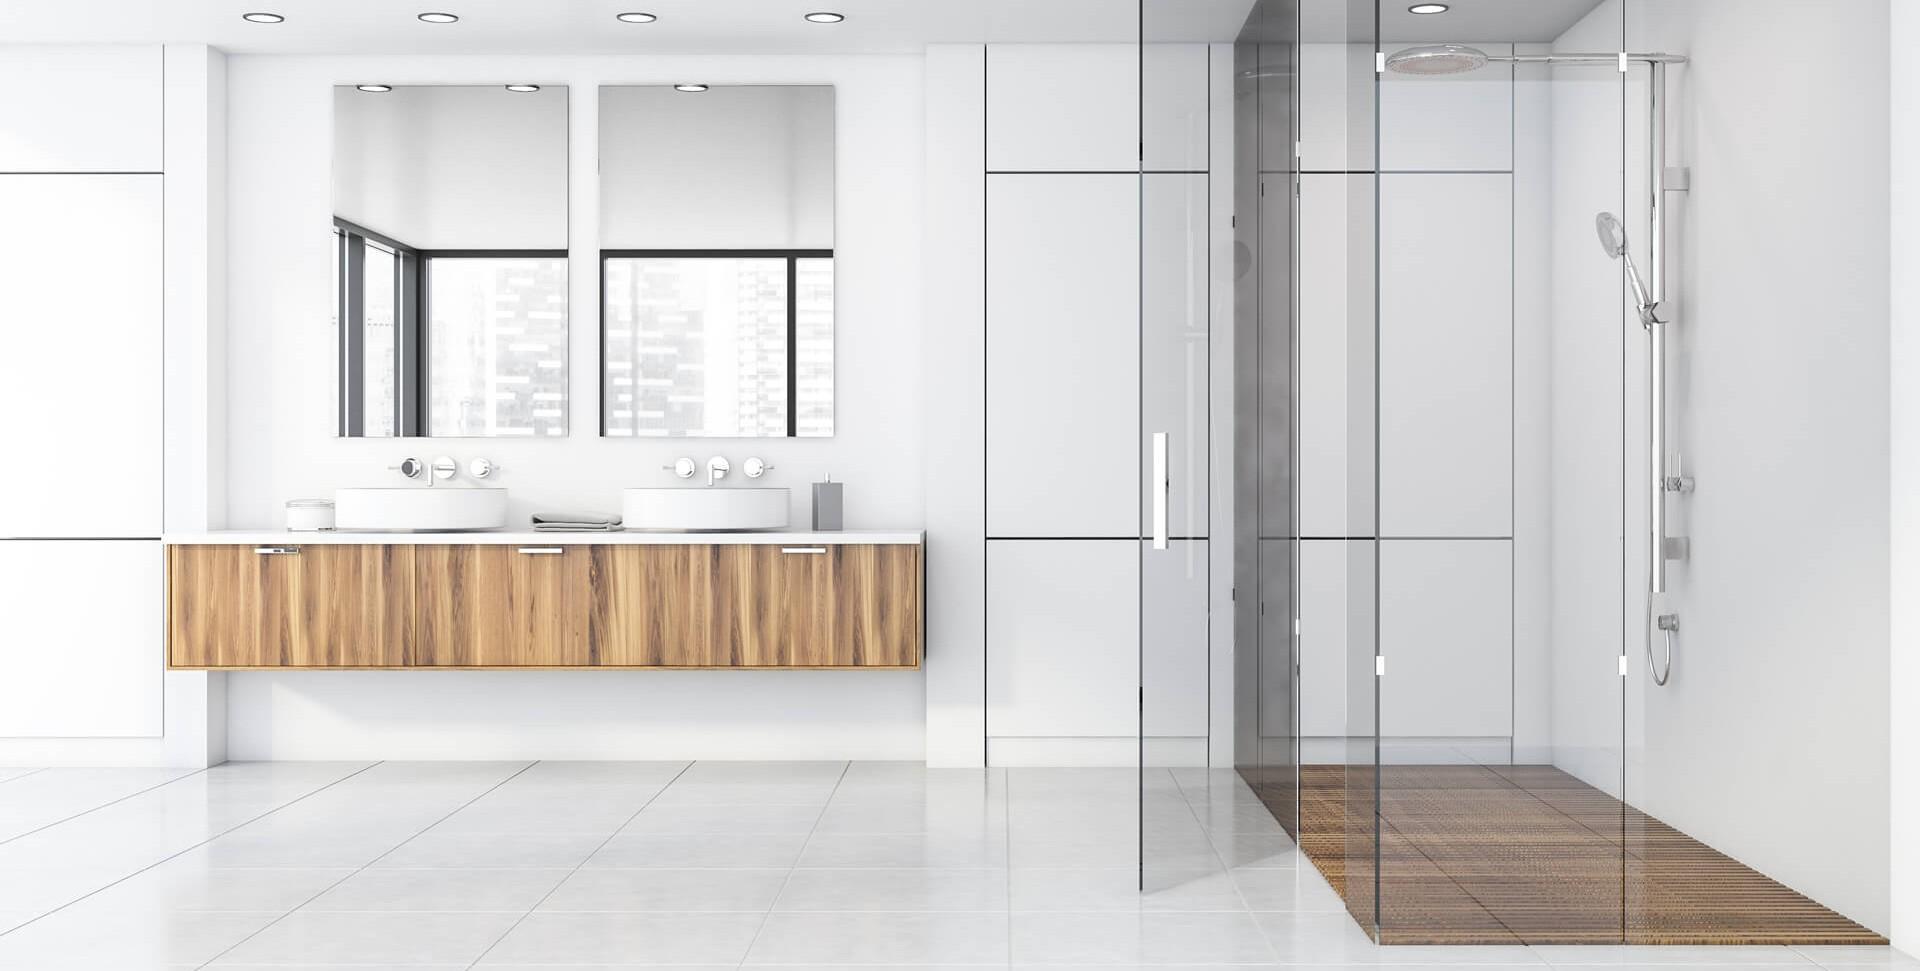 Full Size of Dusche Kaufen Bodengleiche Duschen Bei Glasprofi24 Fliesen Hüppe Einhebelmischer Thermostat Günstig Betten Unterputz Armatur Glastür Breuer Bodengleich Dusche Dusche Kaufen